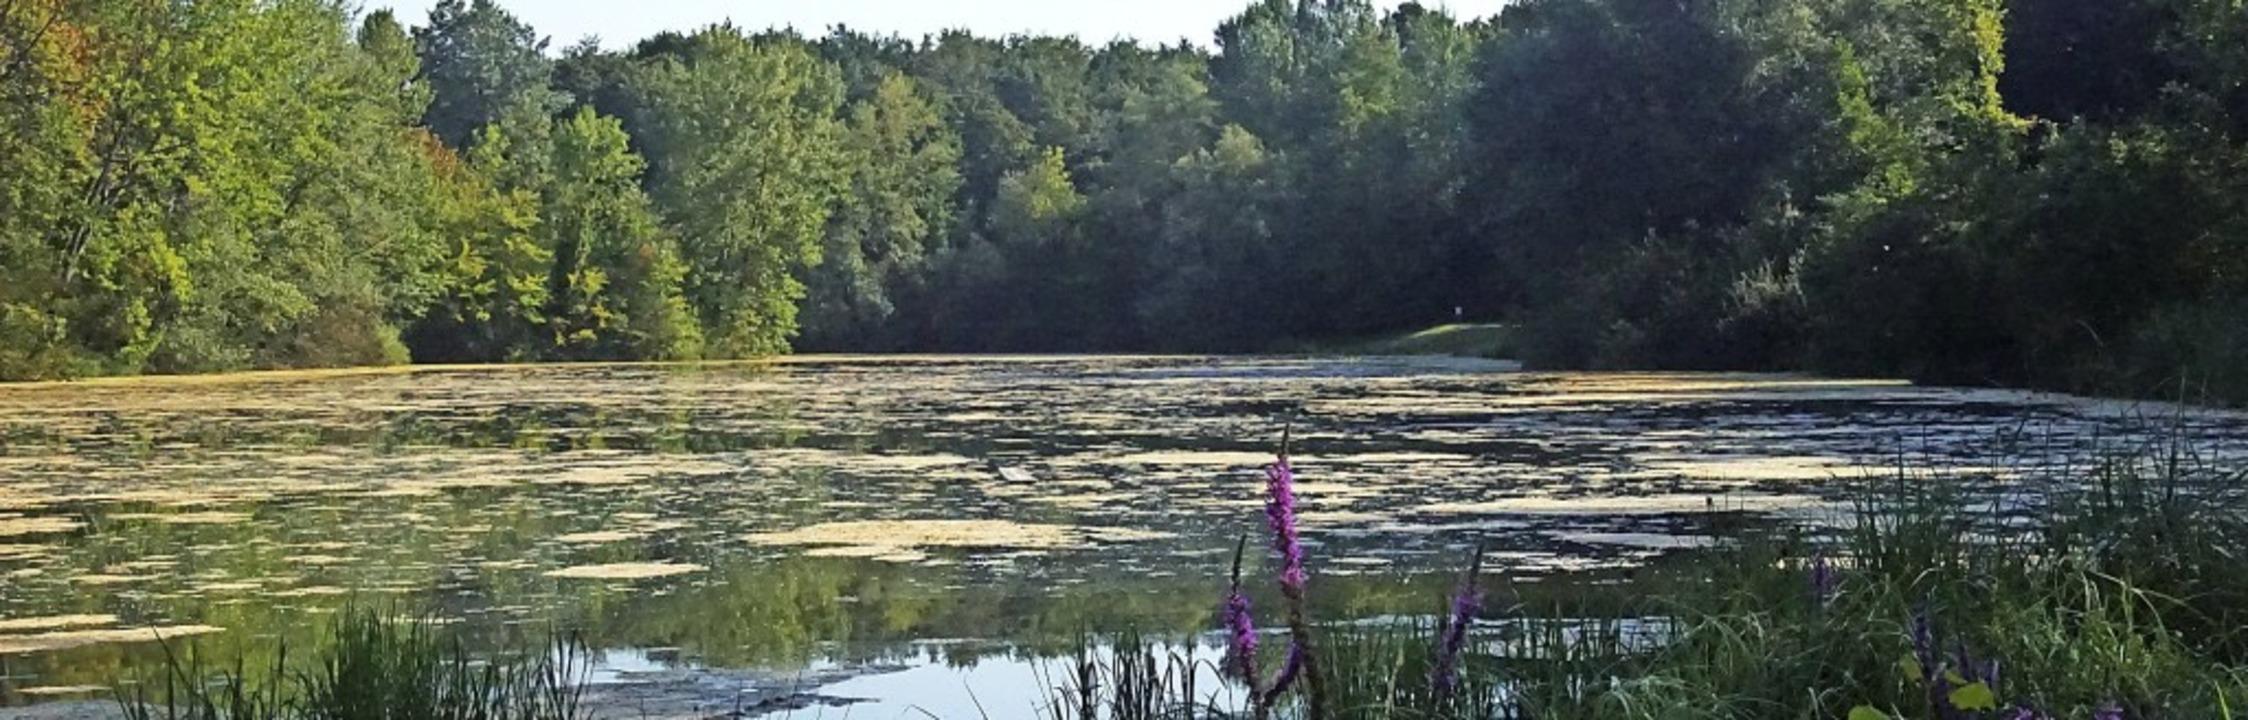 Am Weisweiler Badesee wurden Steg und ...eit hohes Algenwachstum im Wasser.      | Foto: Ilona Huege